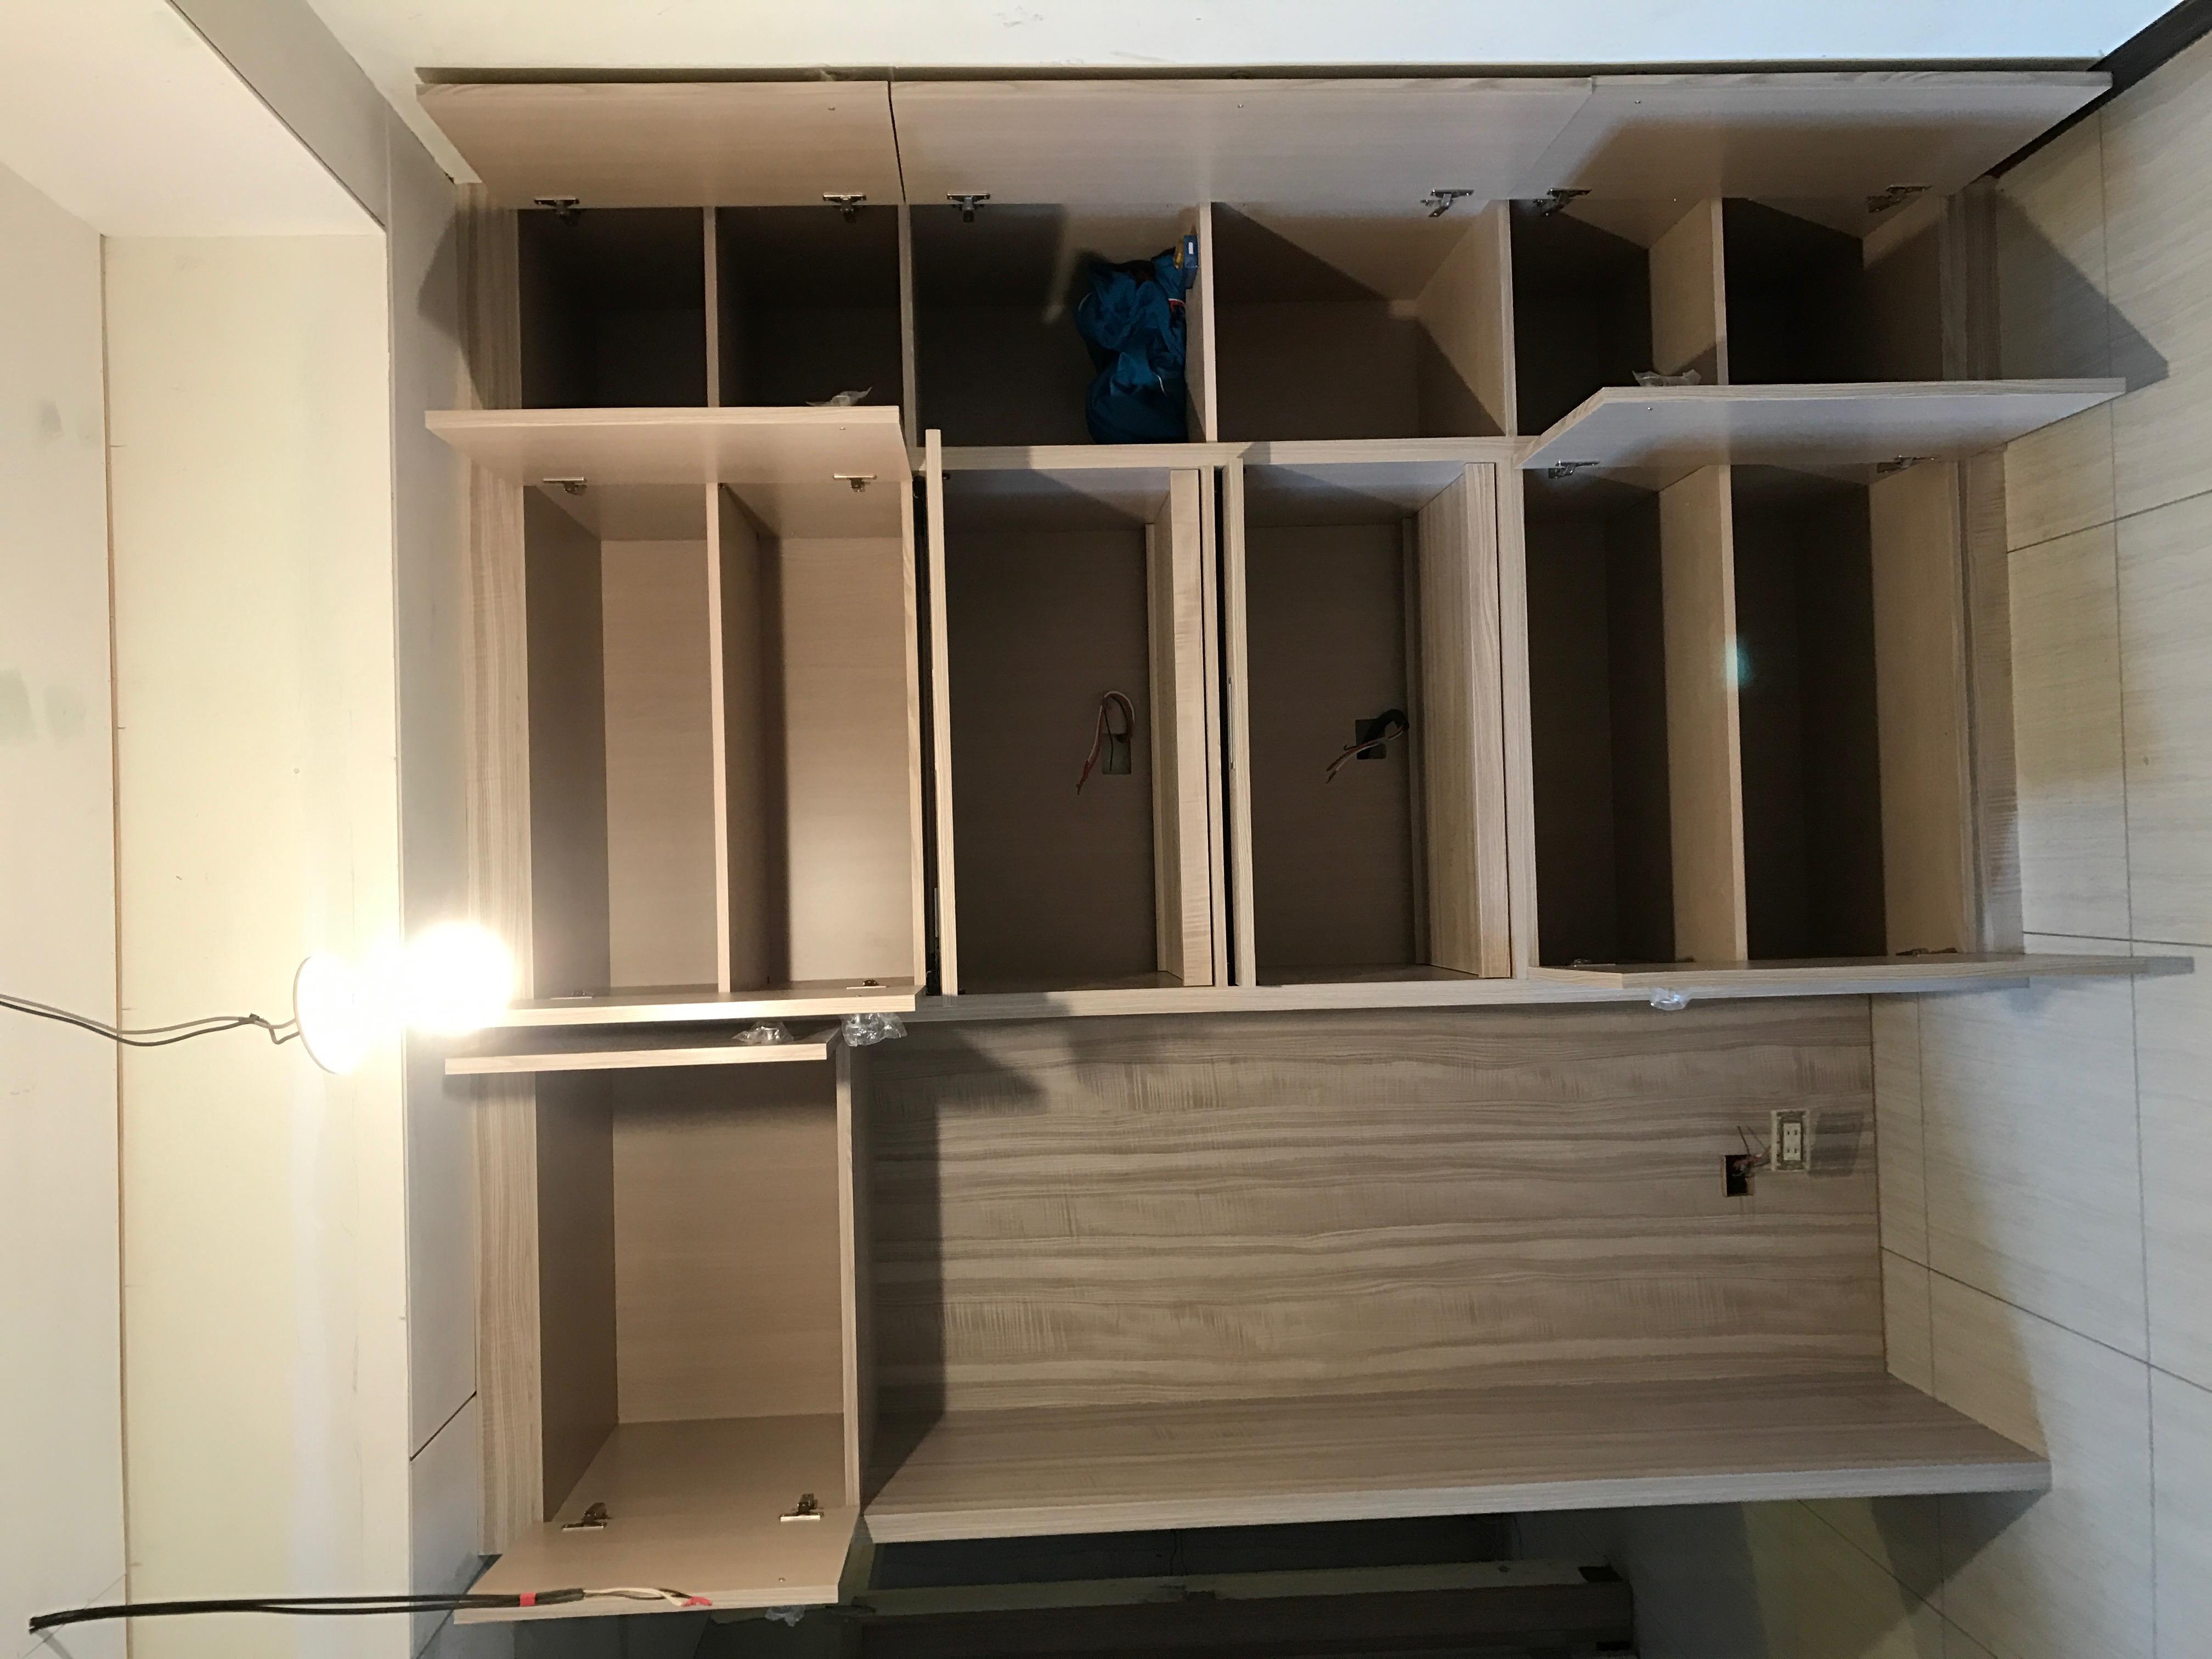 台北市住家室內裝潢衣櫃系統櫃木工 (11)